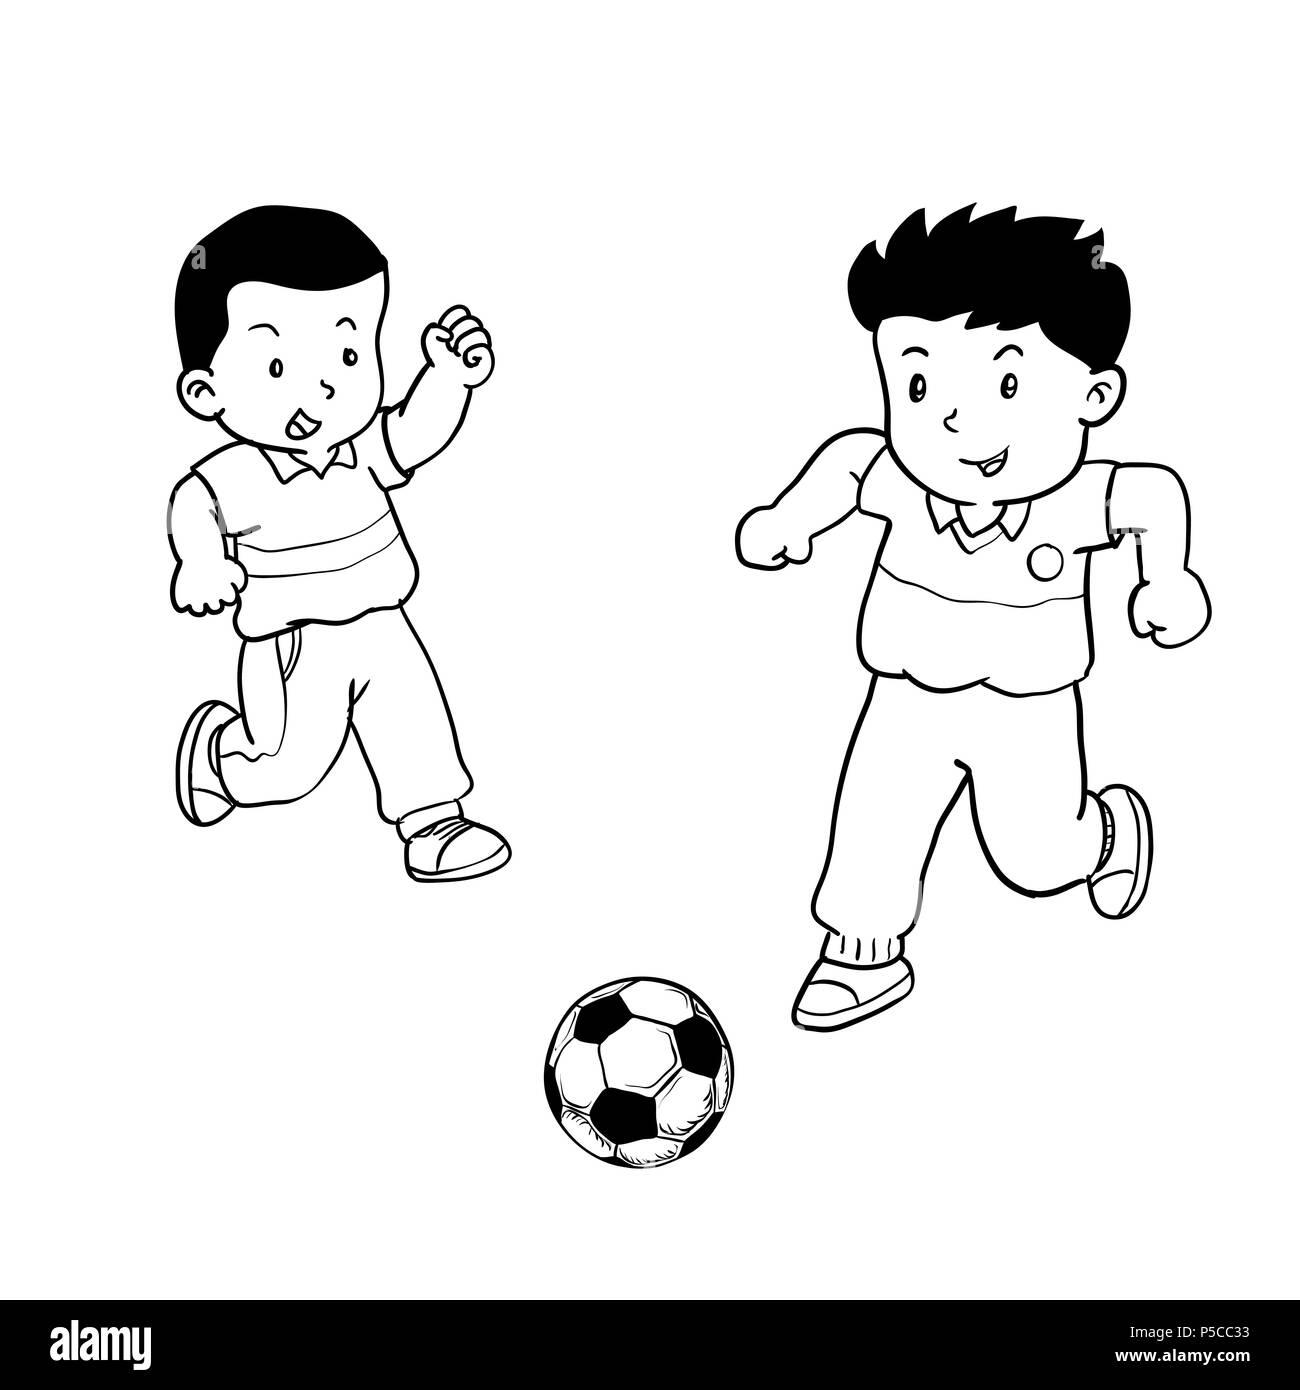 Hand gezeichneten Jungen Fußball spielen, Kinder spielen Fußball ...